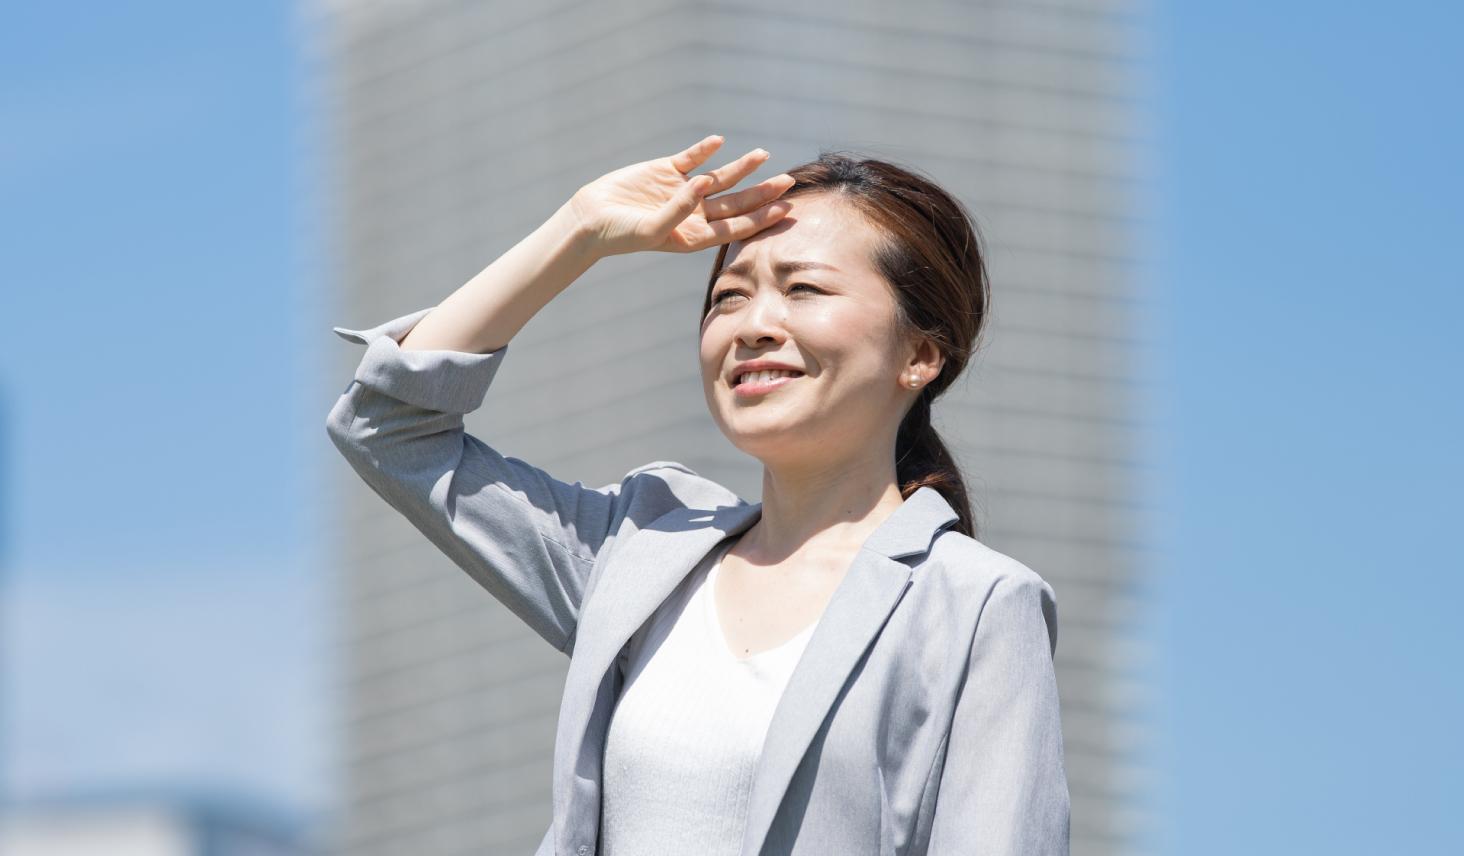 太陽の光を浴びて眩しそうに見上げる女性